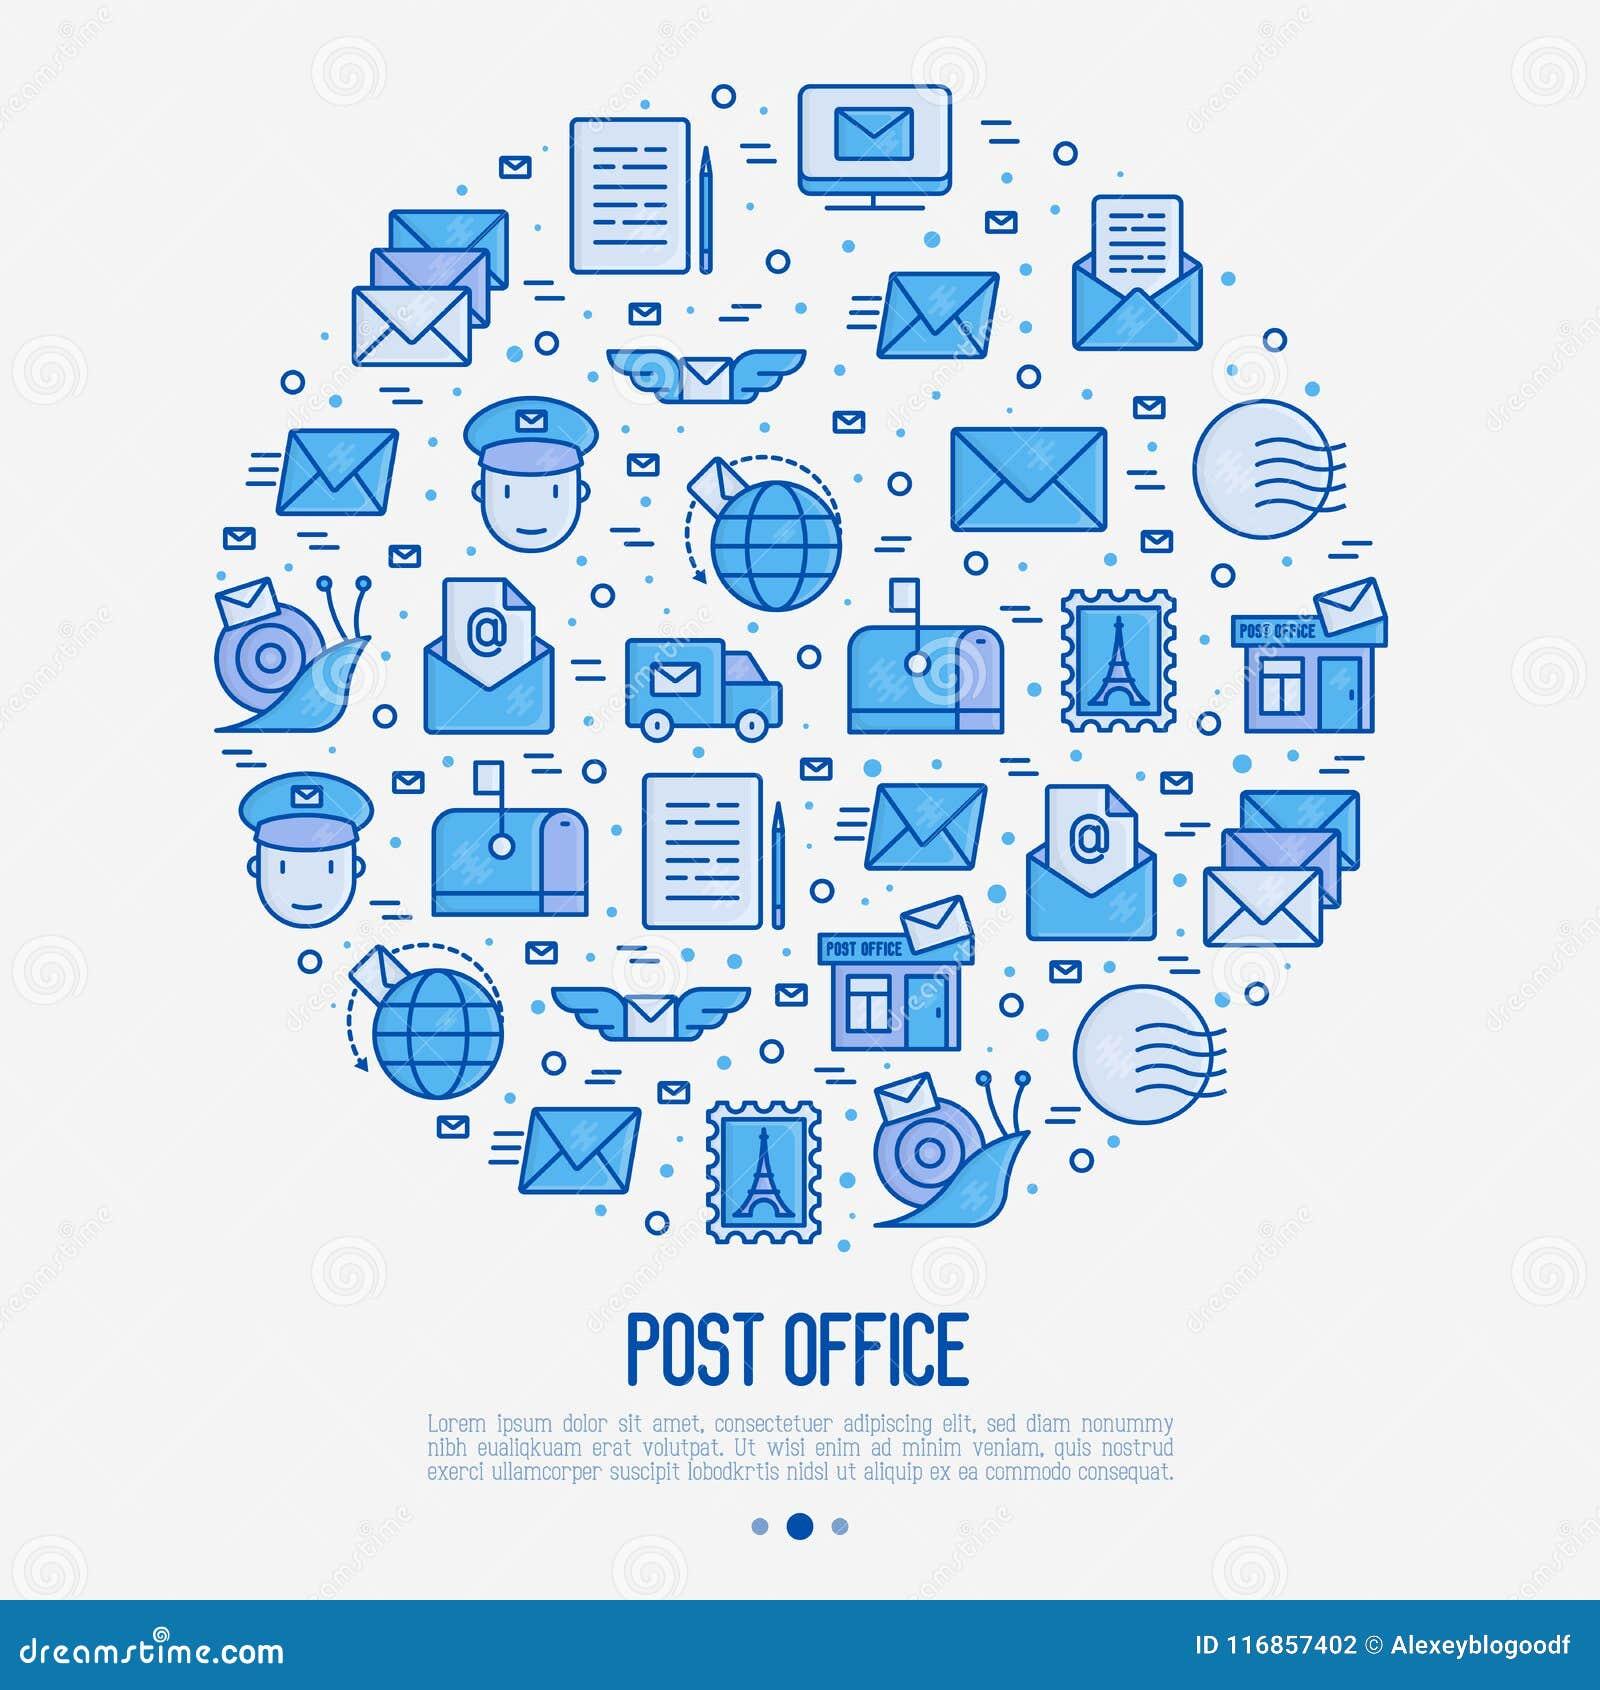 Urzędu pocztowego pojęcie w okręgu z cienkimi kreskowymi ikonami